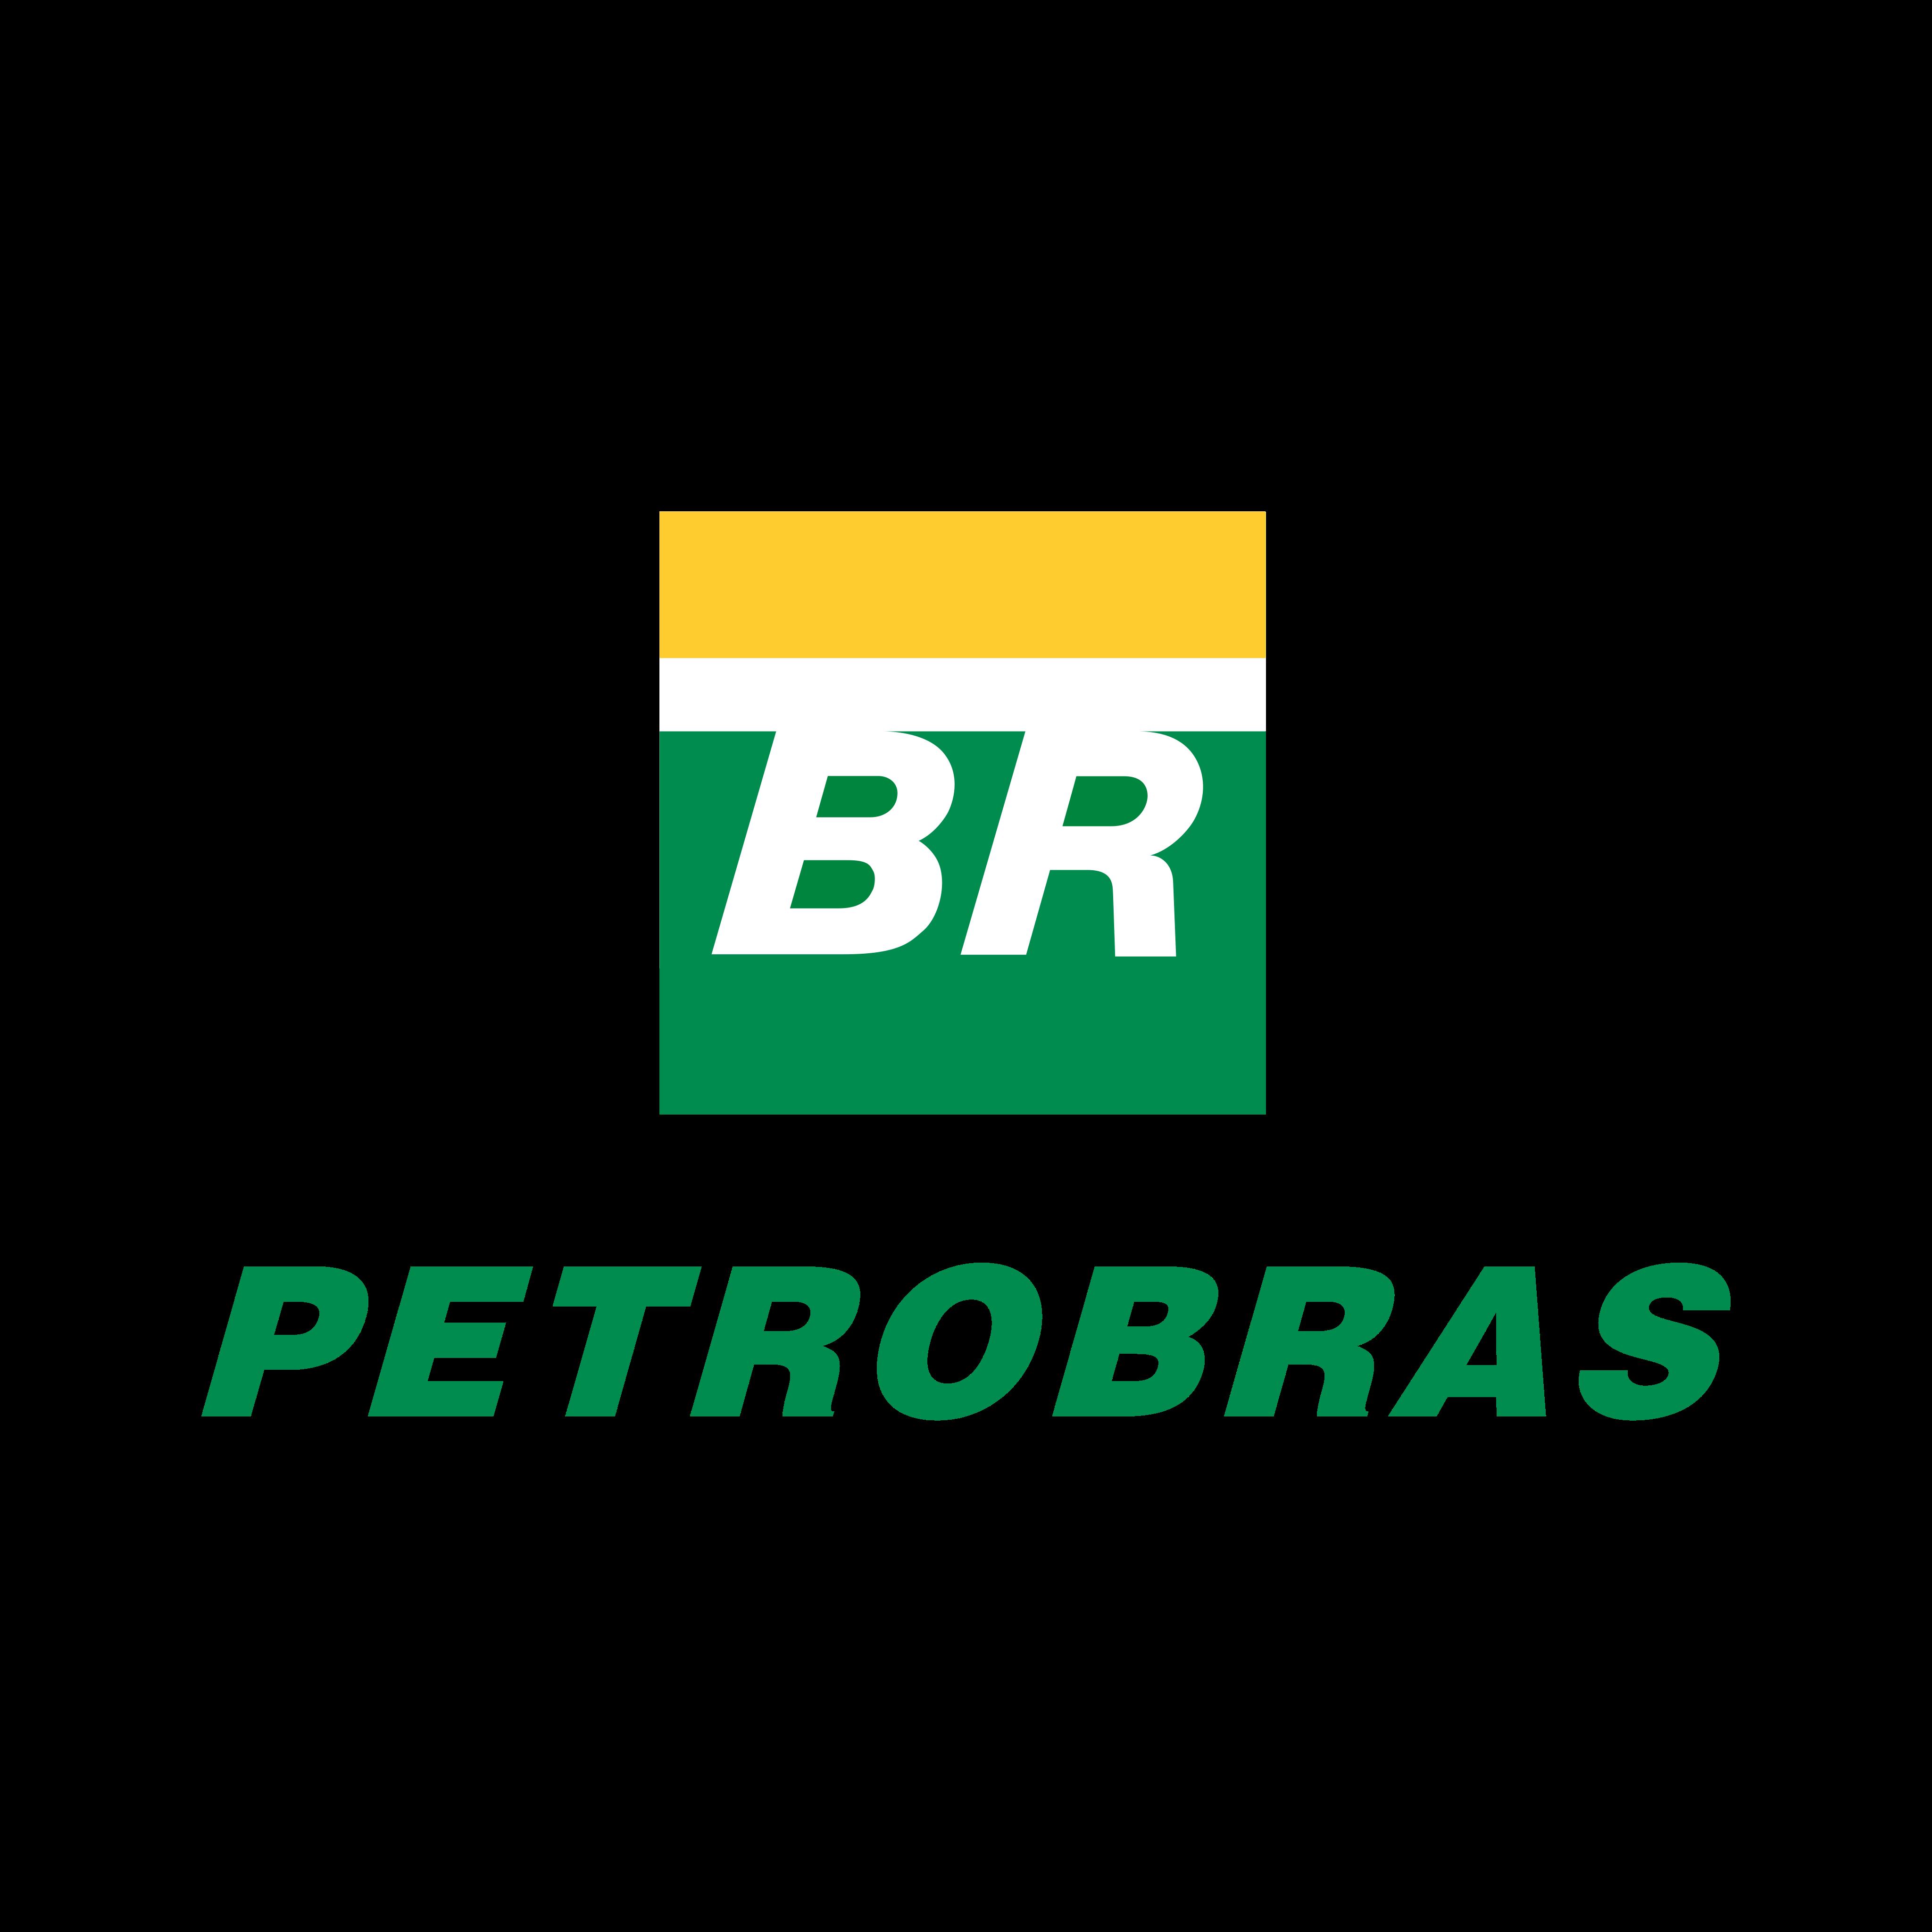 petrobras logo 0 - Petrobras Logo